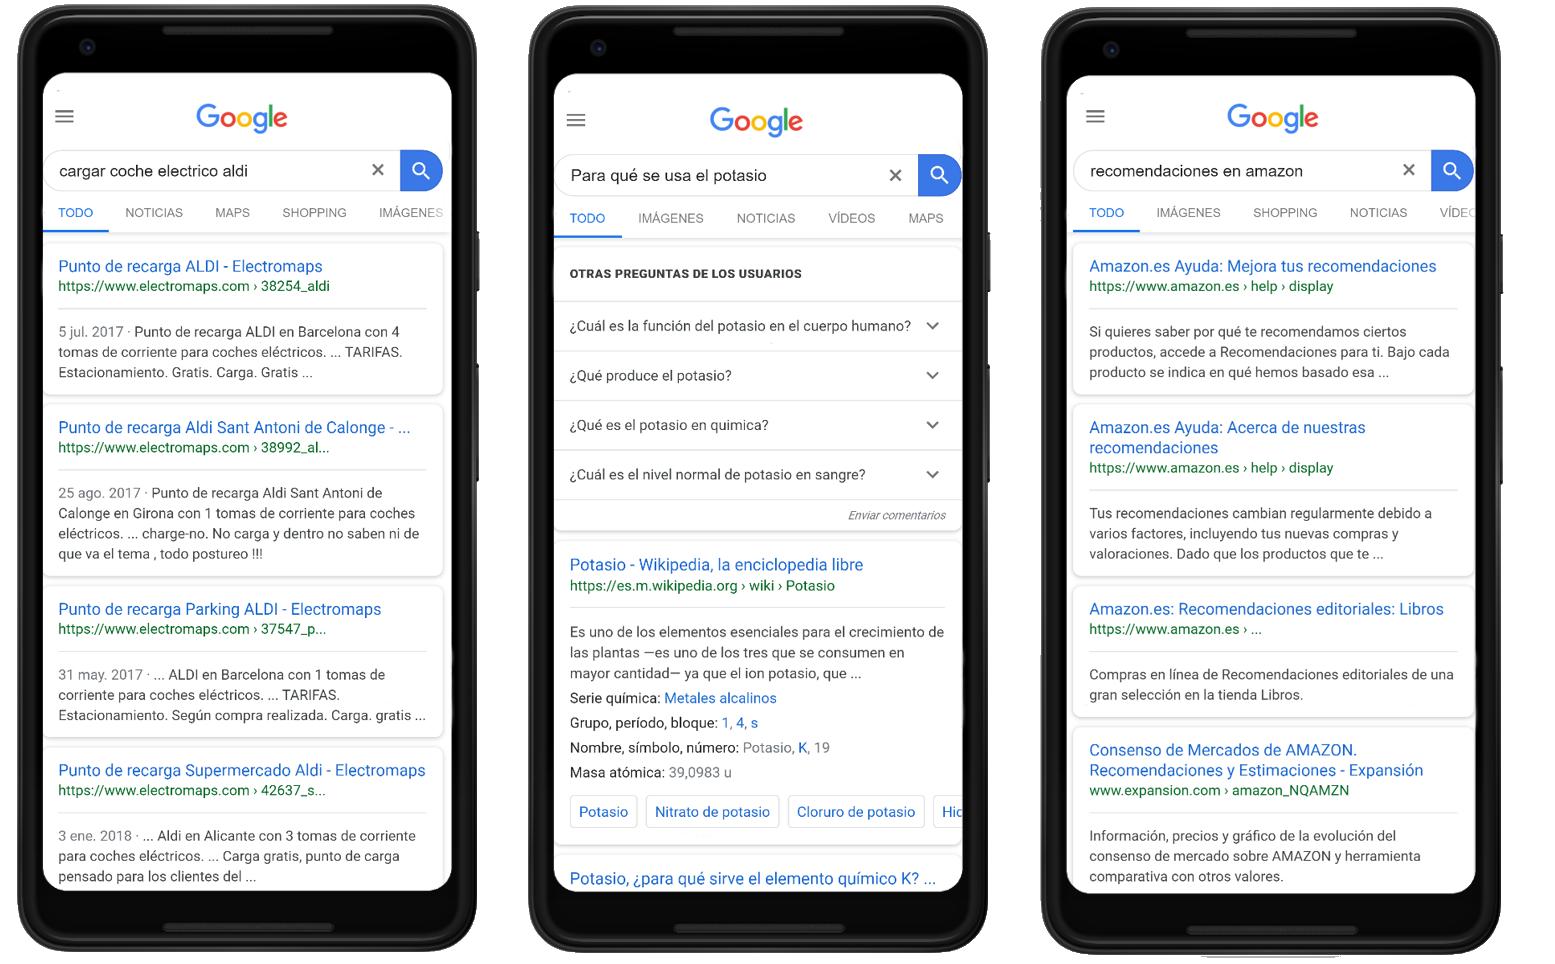 """Ejemplos de búsquedas """"Know"""" como intención de búsqueda del  usuario en Google"""